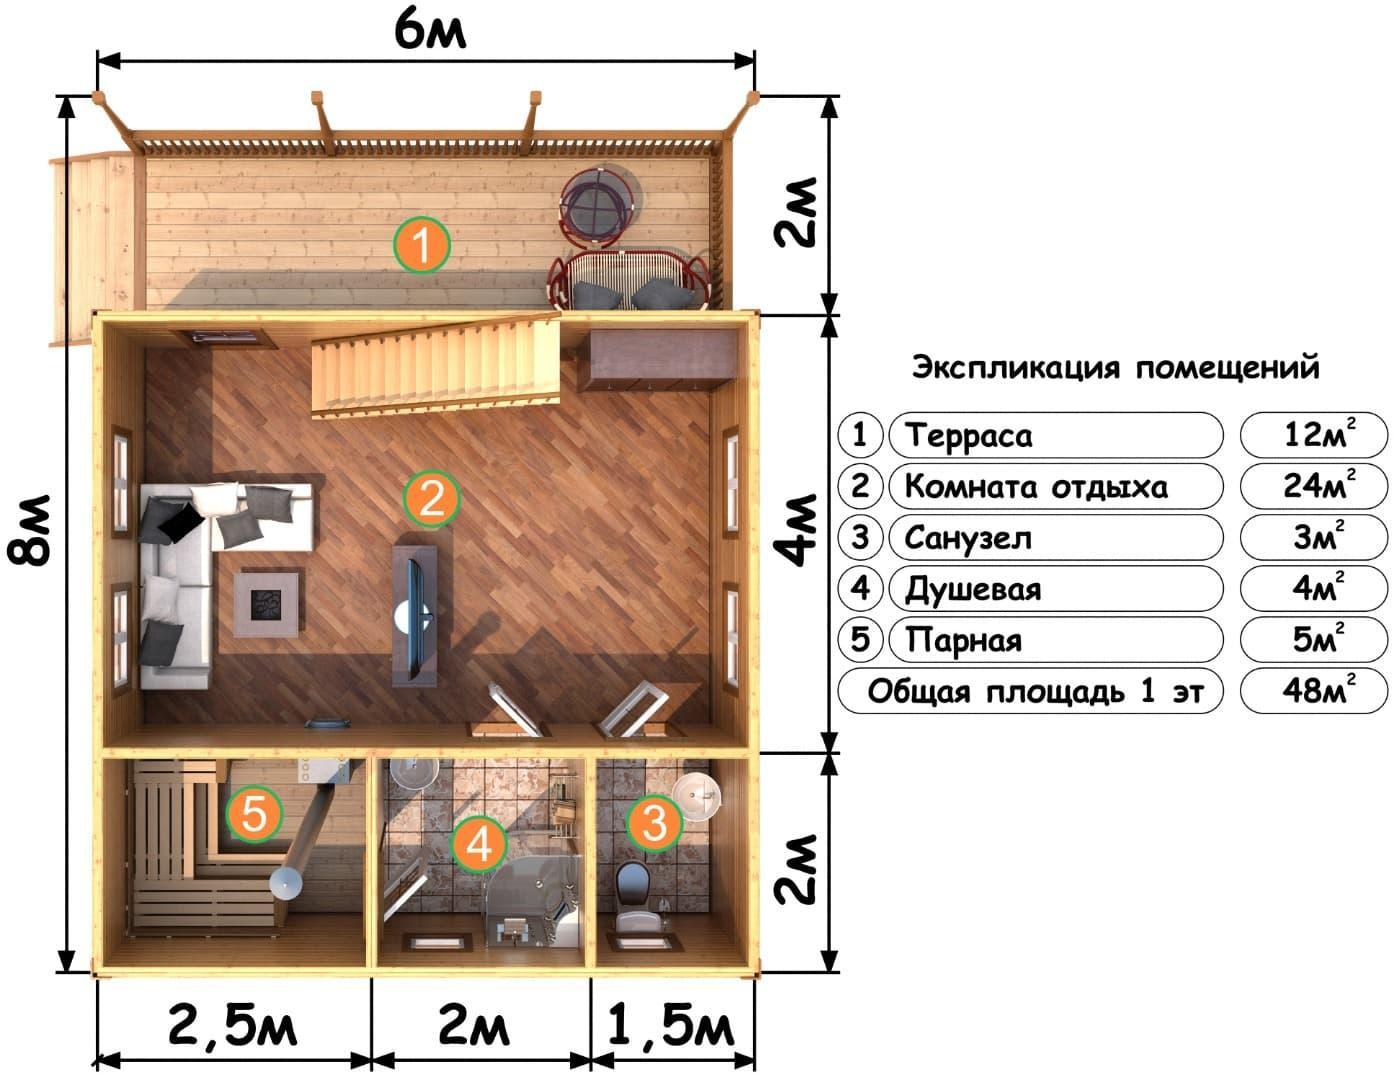 Баня 6 на 6: проект, особенности и фото